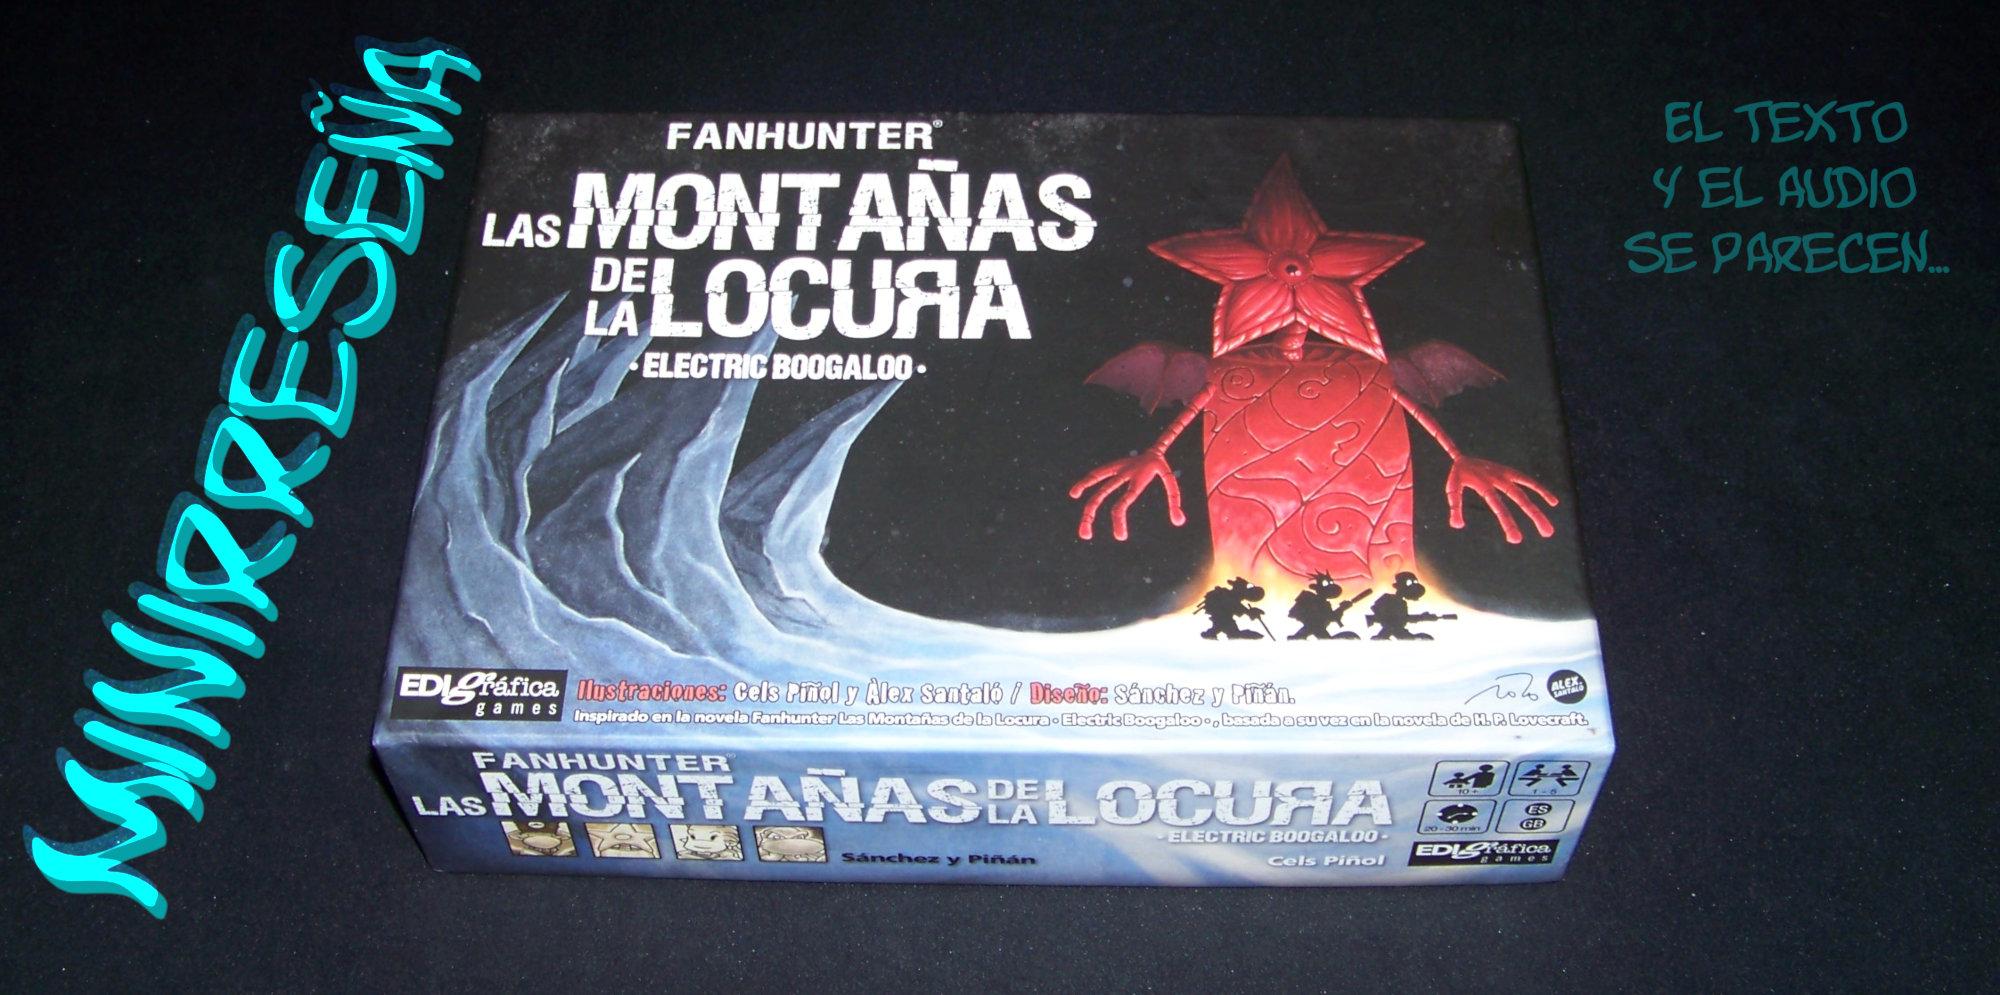 Juego de mesa Fanhunter Las Montañas de la Locura - portada